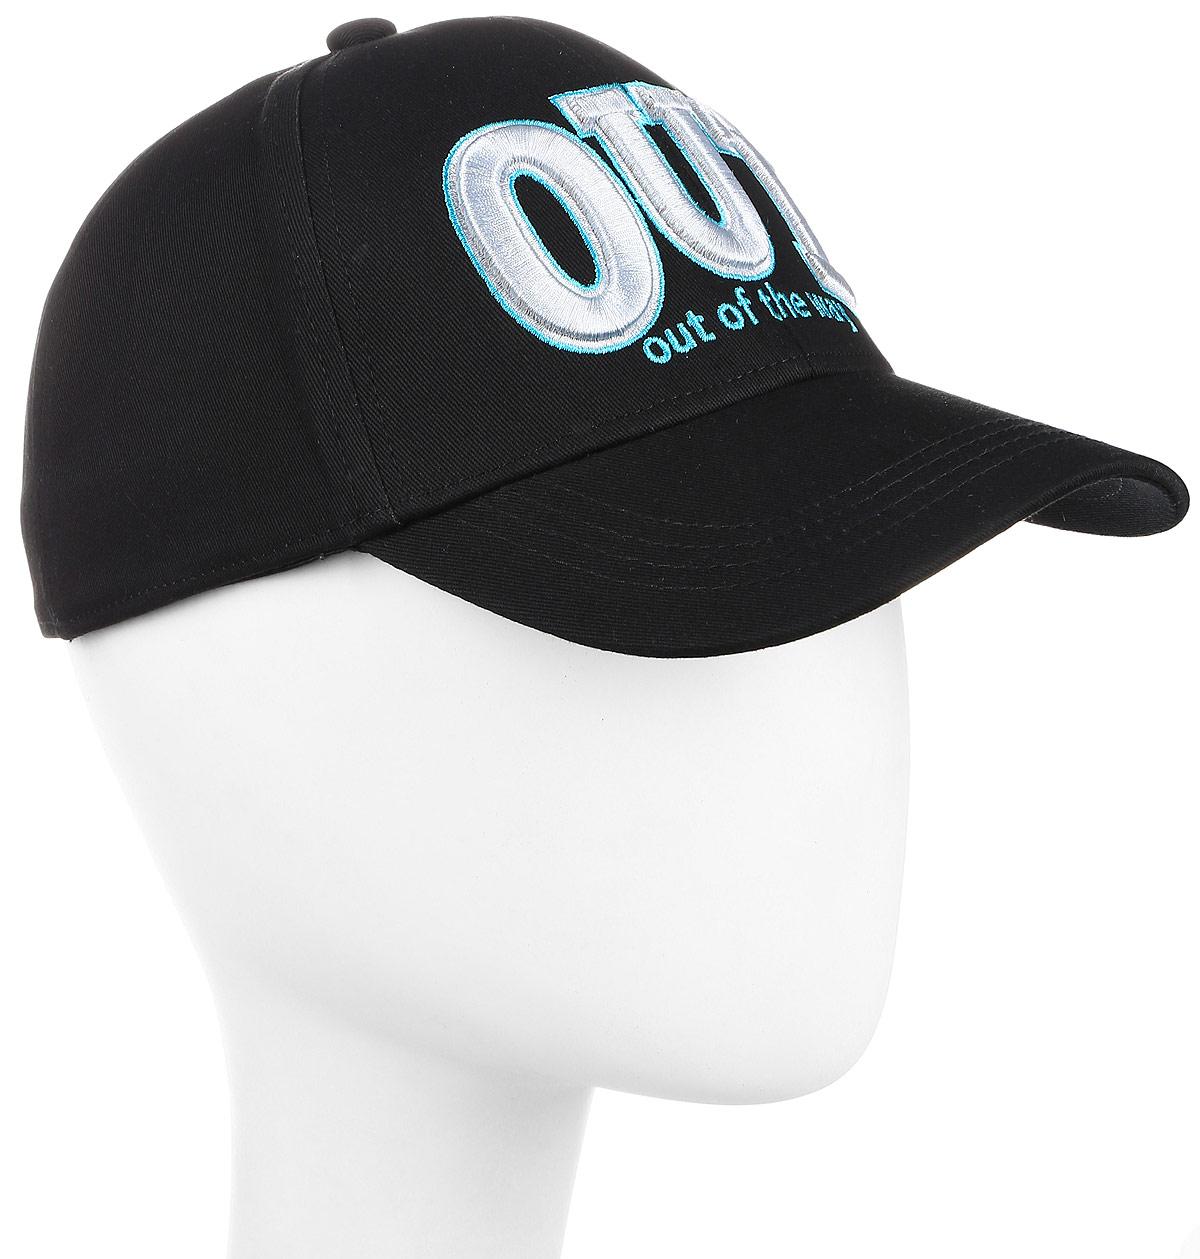 БейсболкаBY141025Модная бейсболка с дополнительным объемом. Клубная объемная вышивка делает эту модель интересной для любителей спортивного стиля одежды. Спандекс в составе ткани обеспечивает плотную посадку по голове.